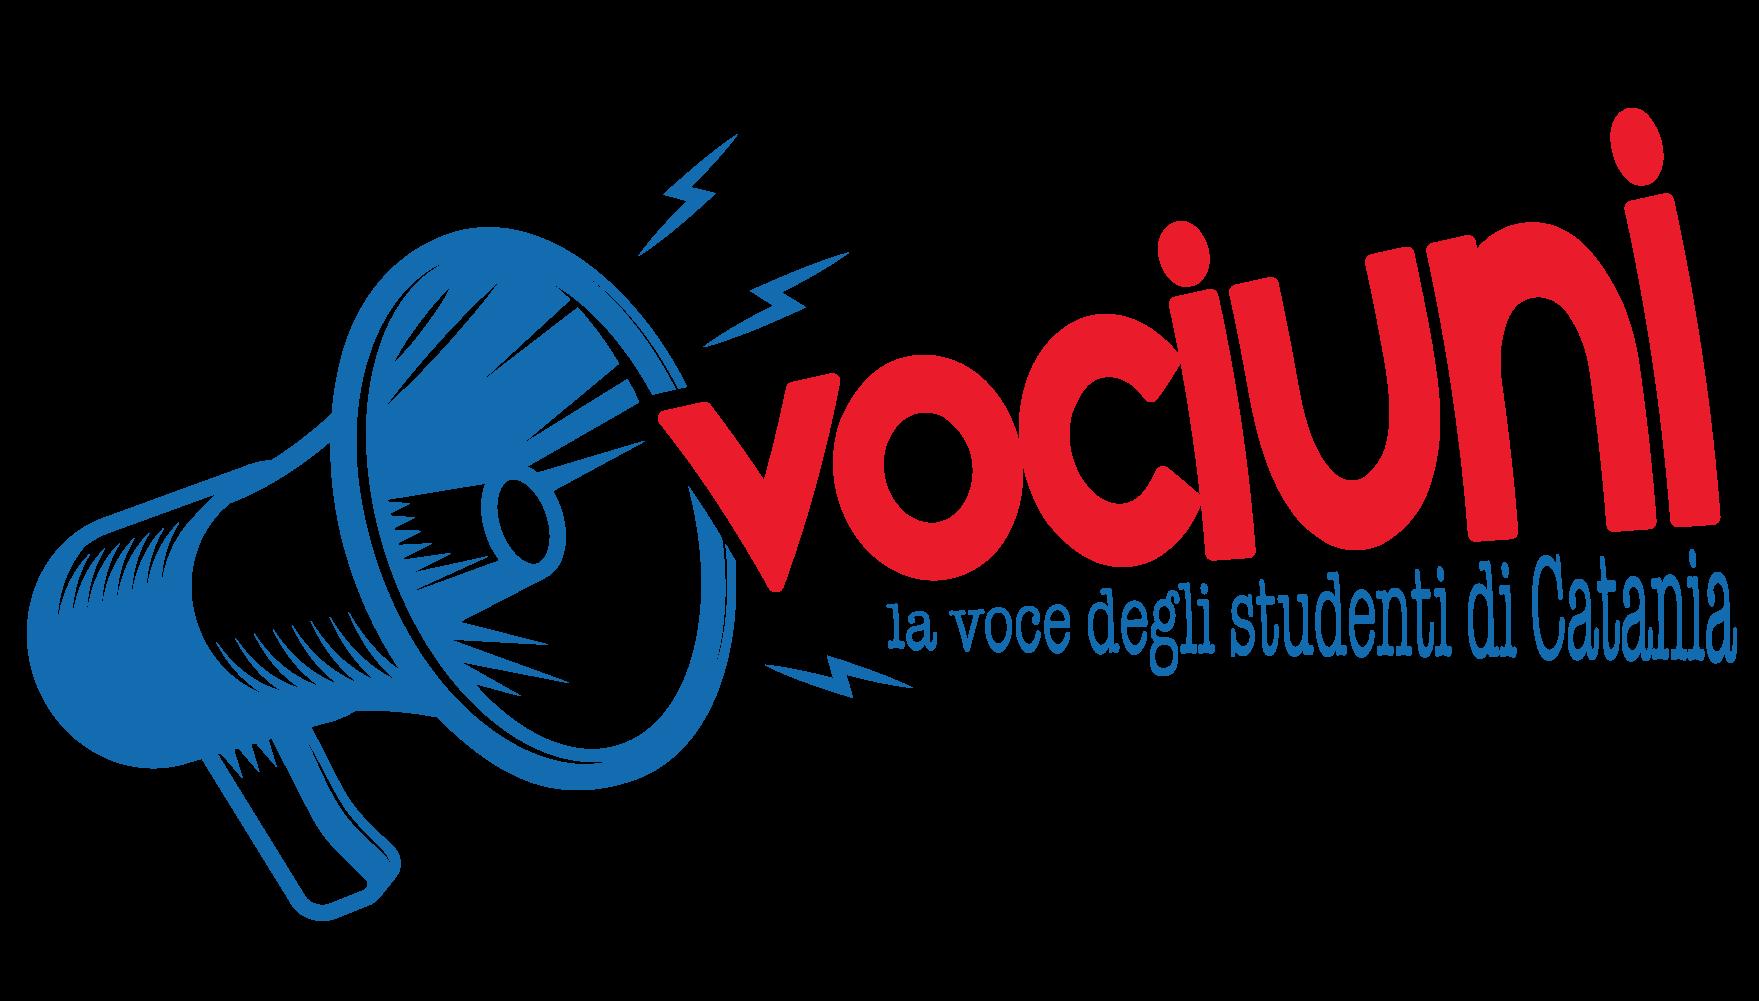 VociUNI